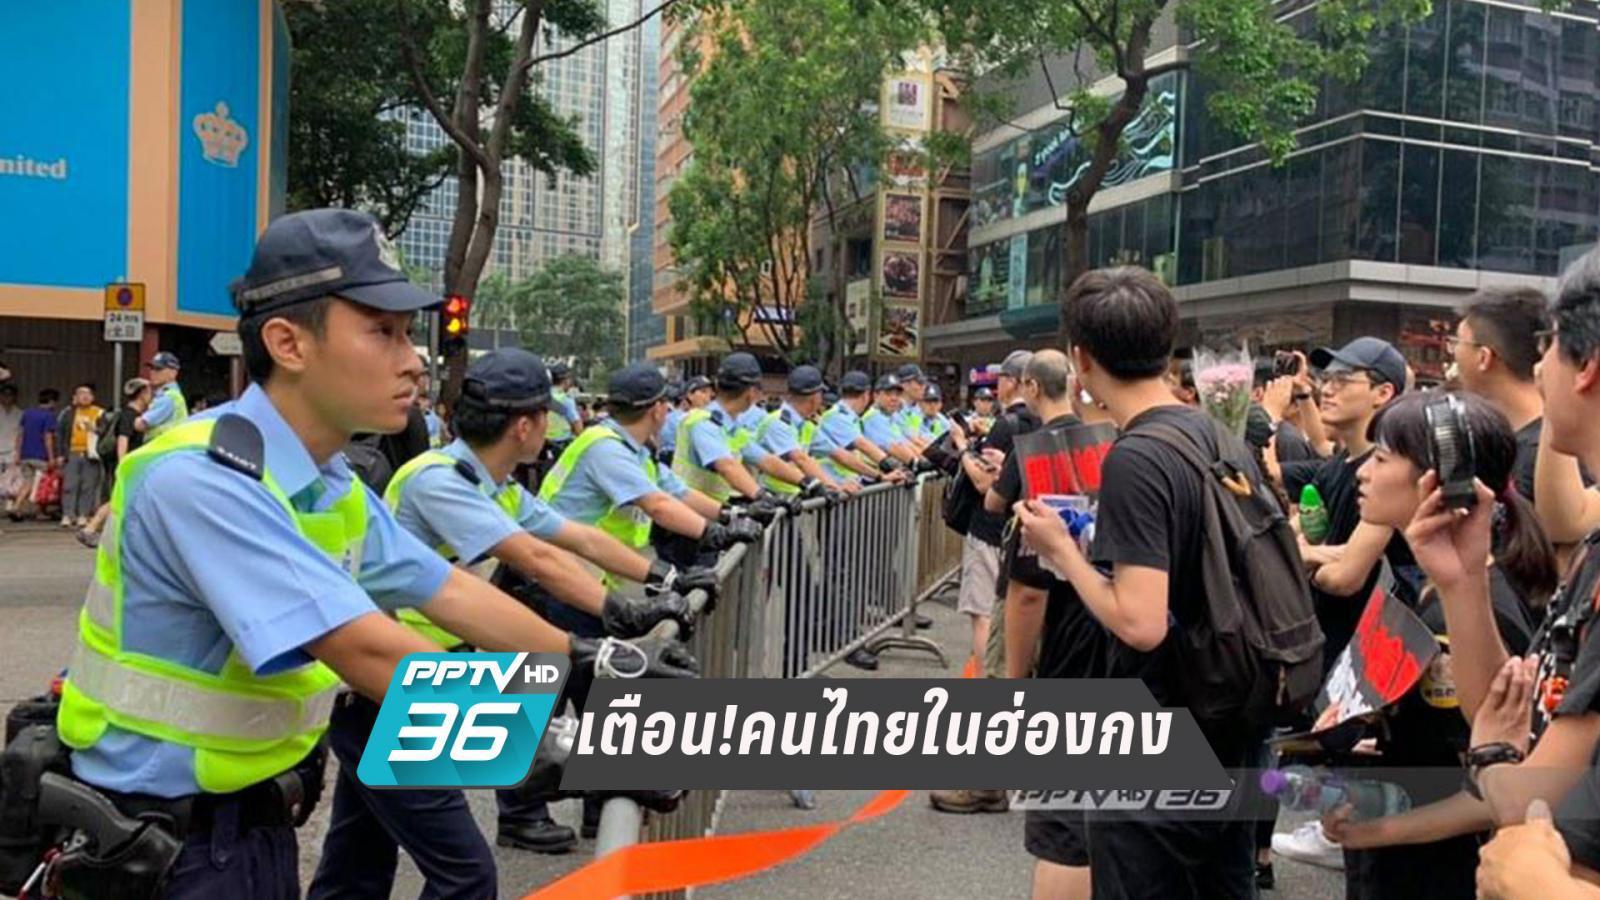 เตือนคนไทยในฮ่องกงเลี่ยงพื้นที่ประท้วง 1 ก.ค.นี้